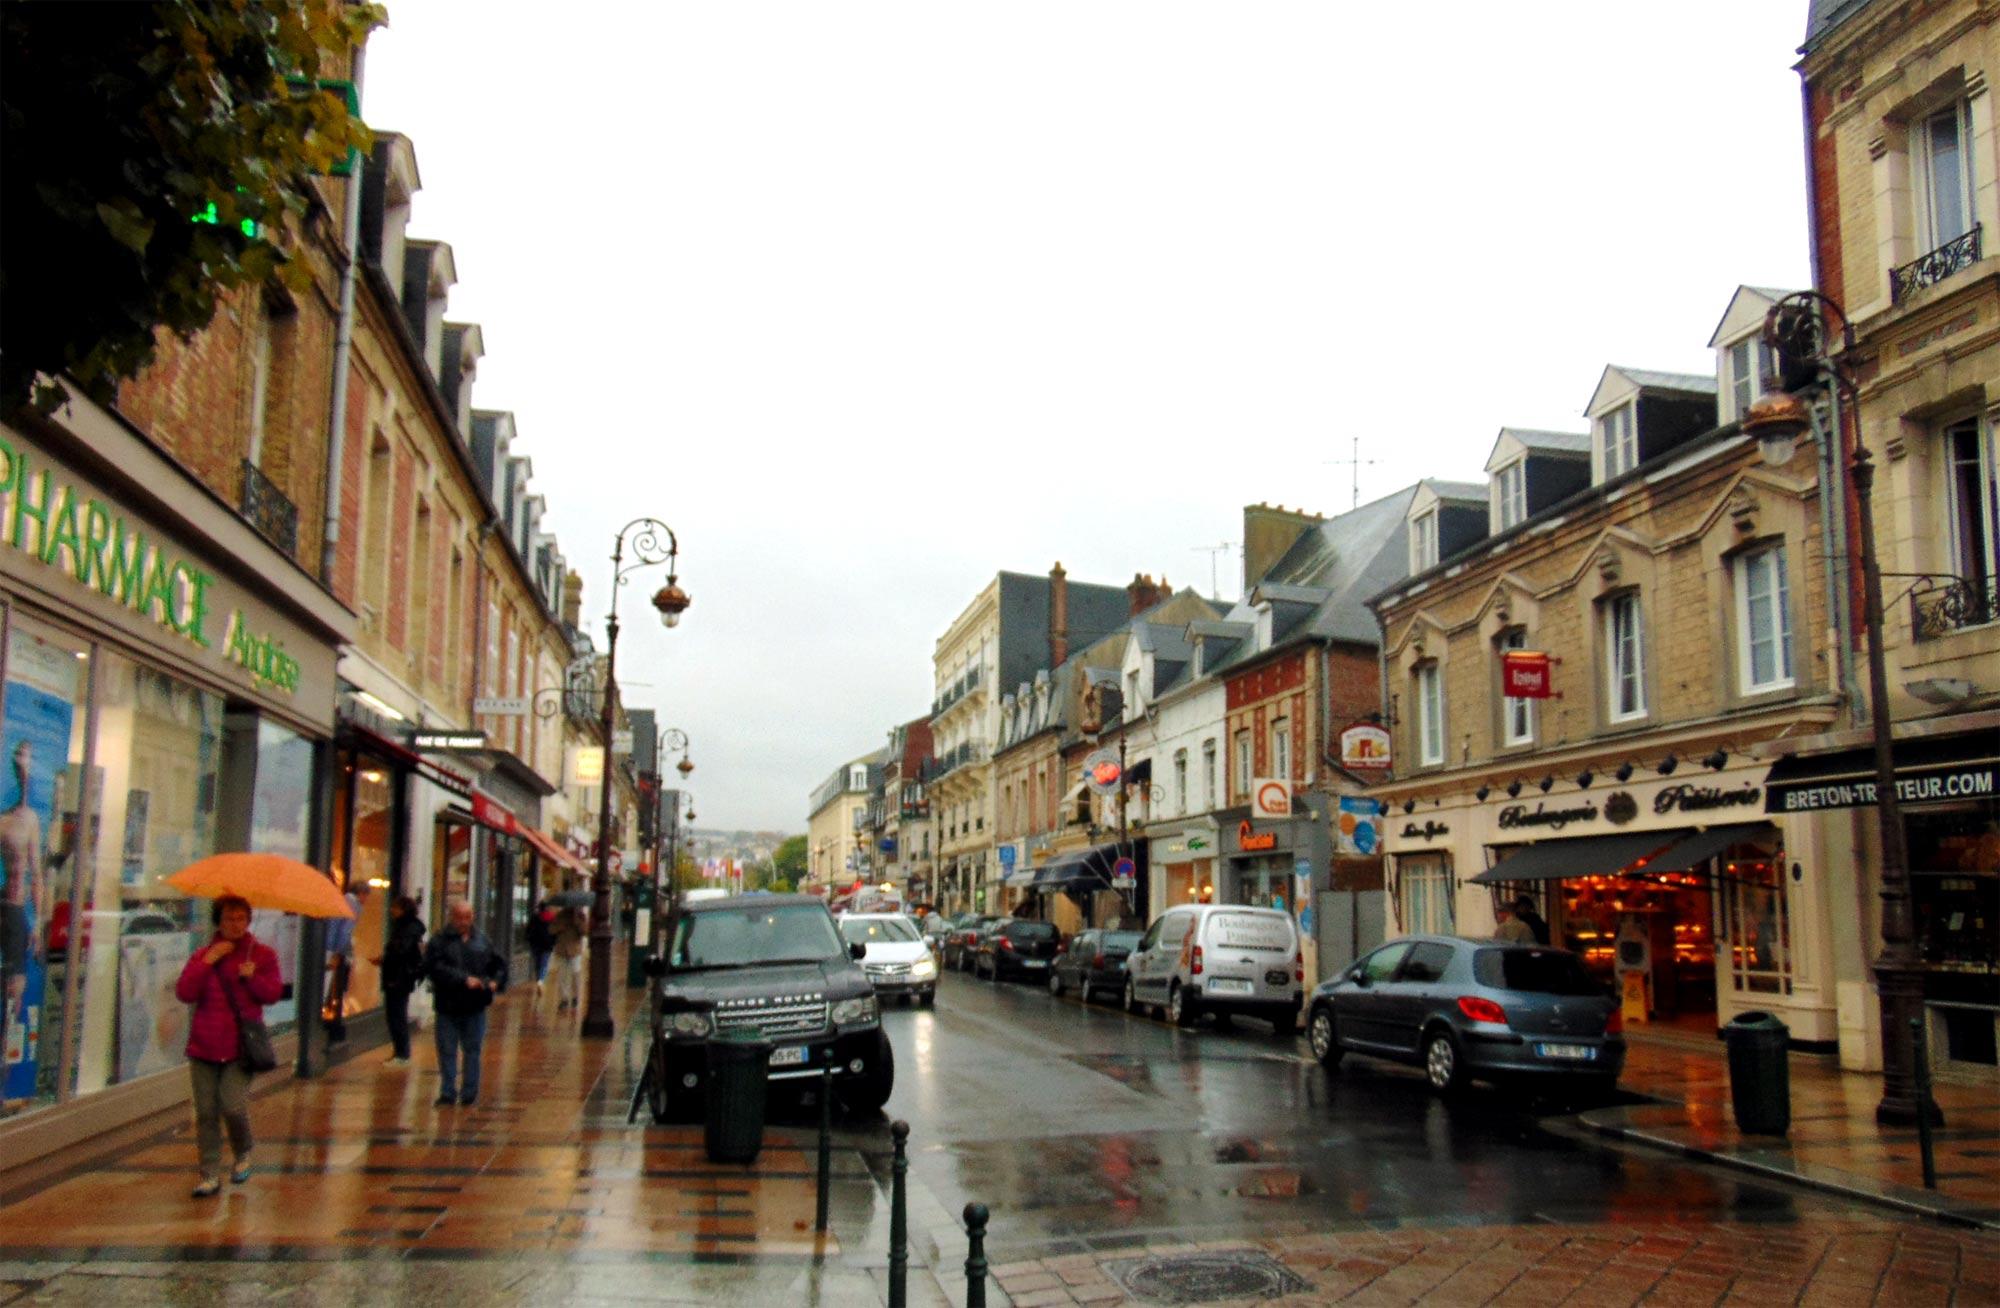 экскурсия в Нормандию осенью в дождь